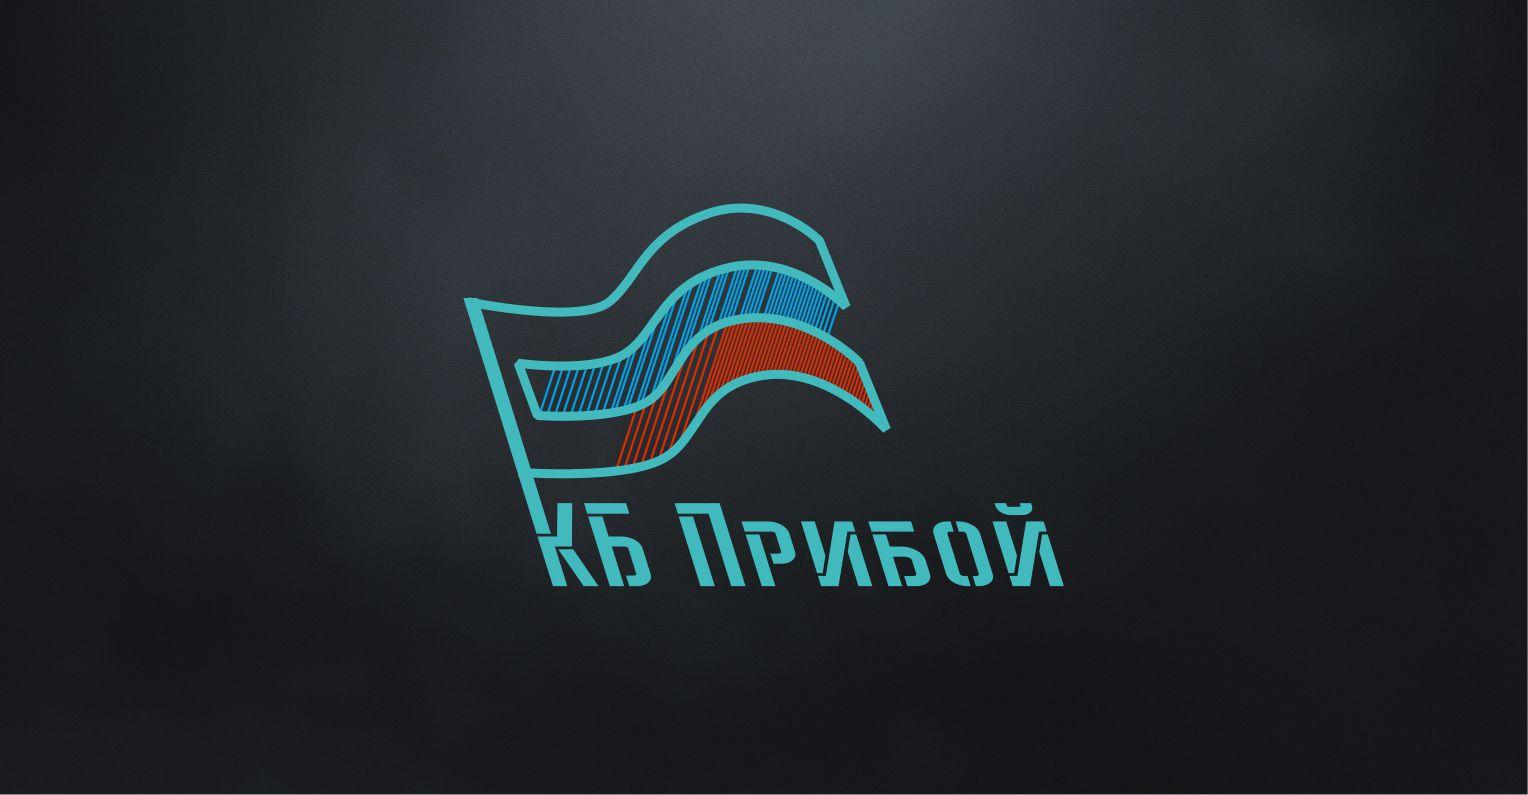 Разработка логотипа и фирменного стиля для КБ Прибой фото f_3325b2a3431e4c71.jpg